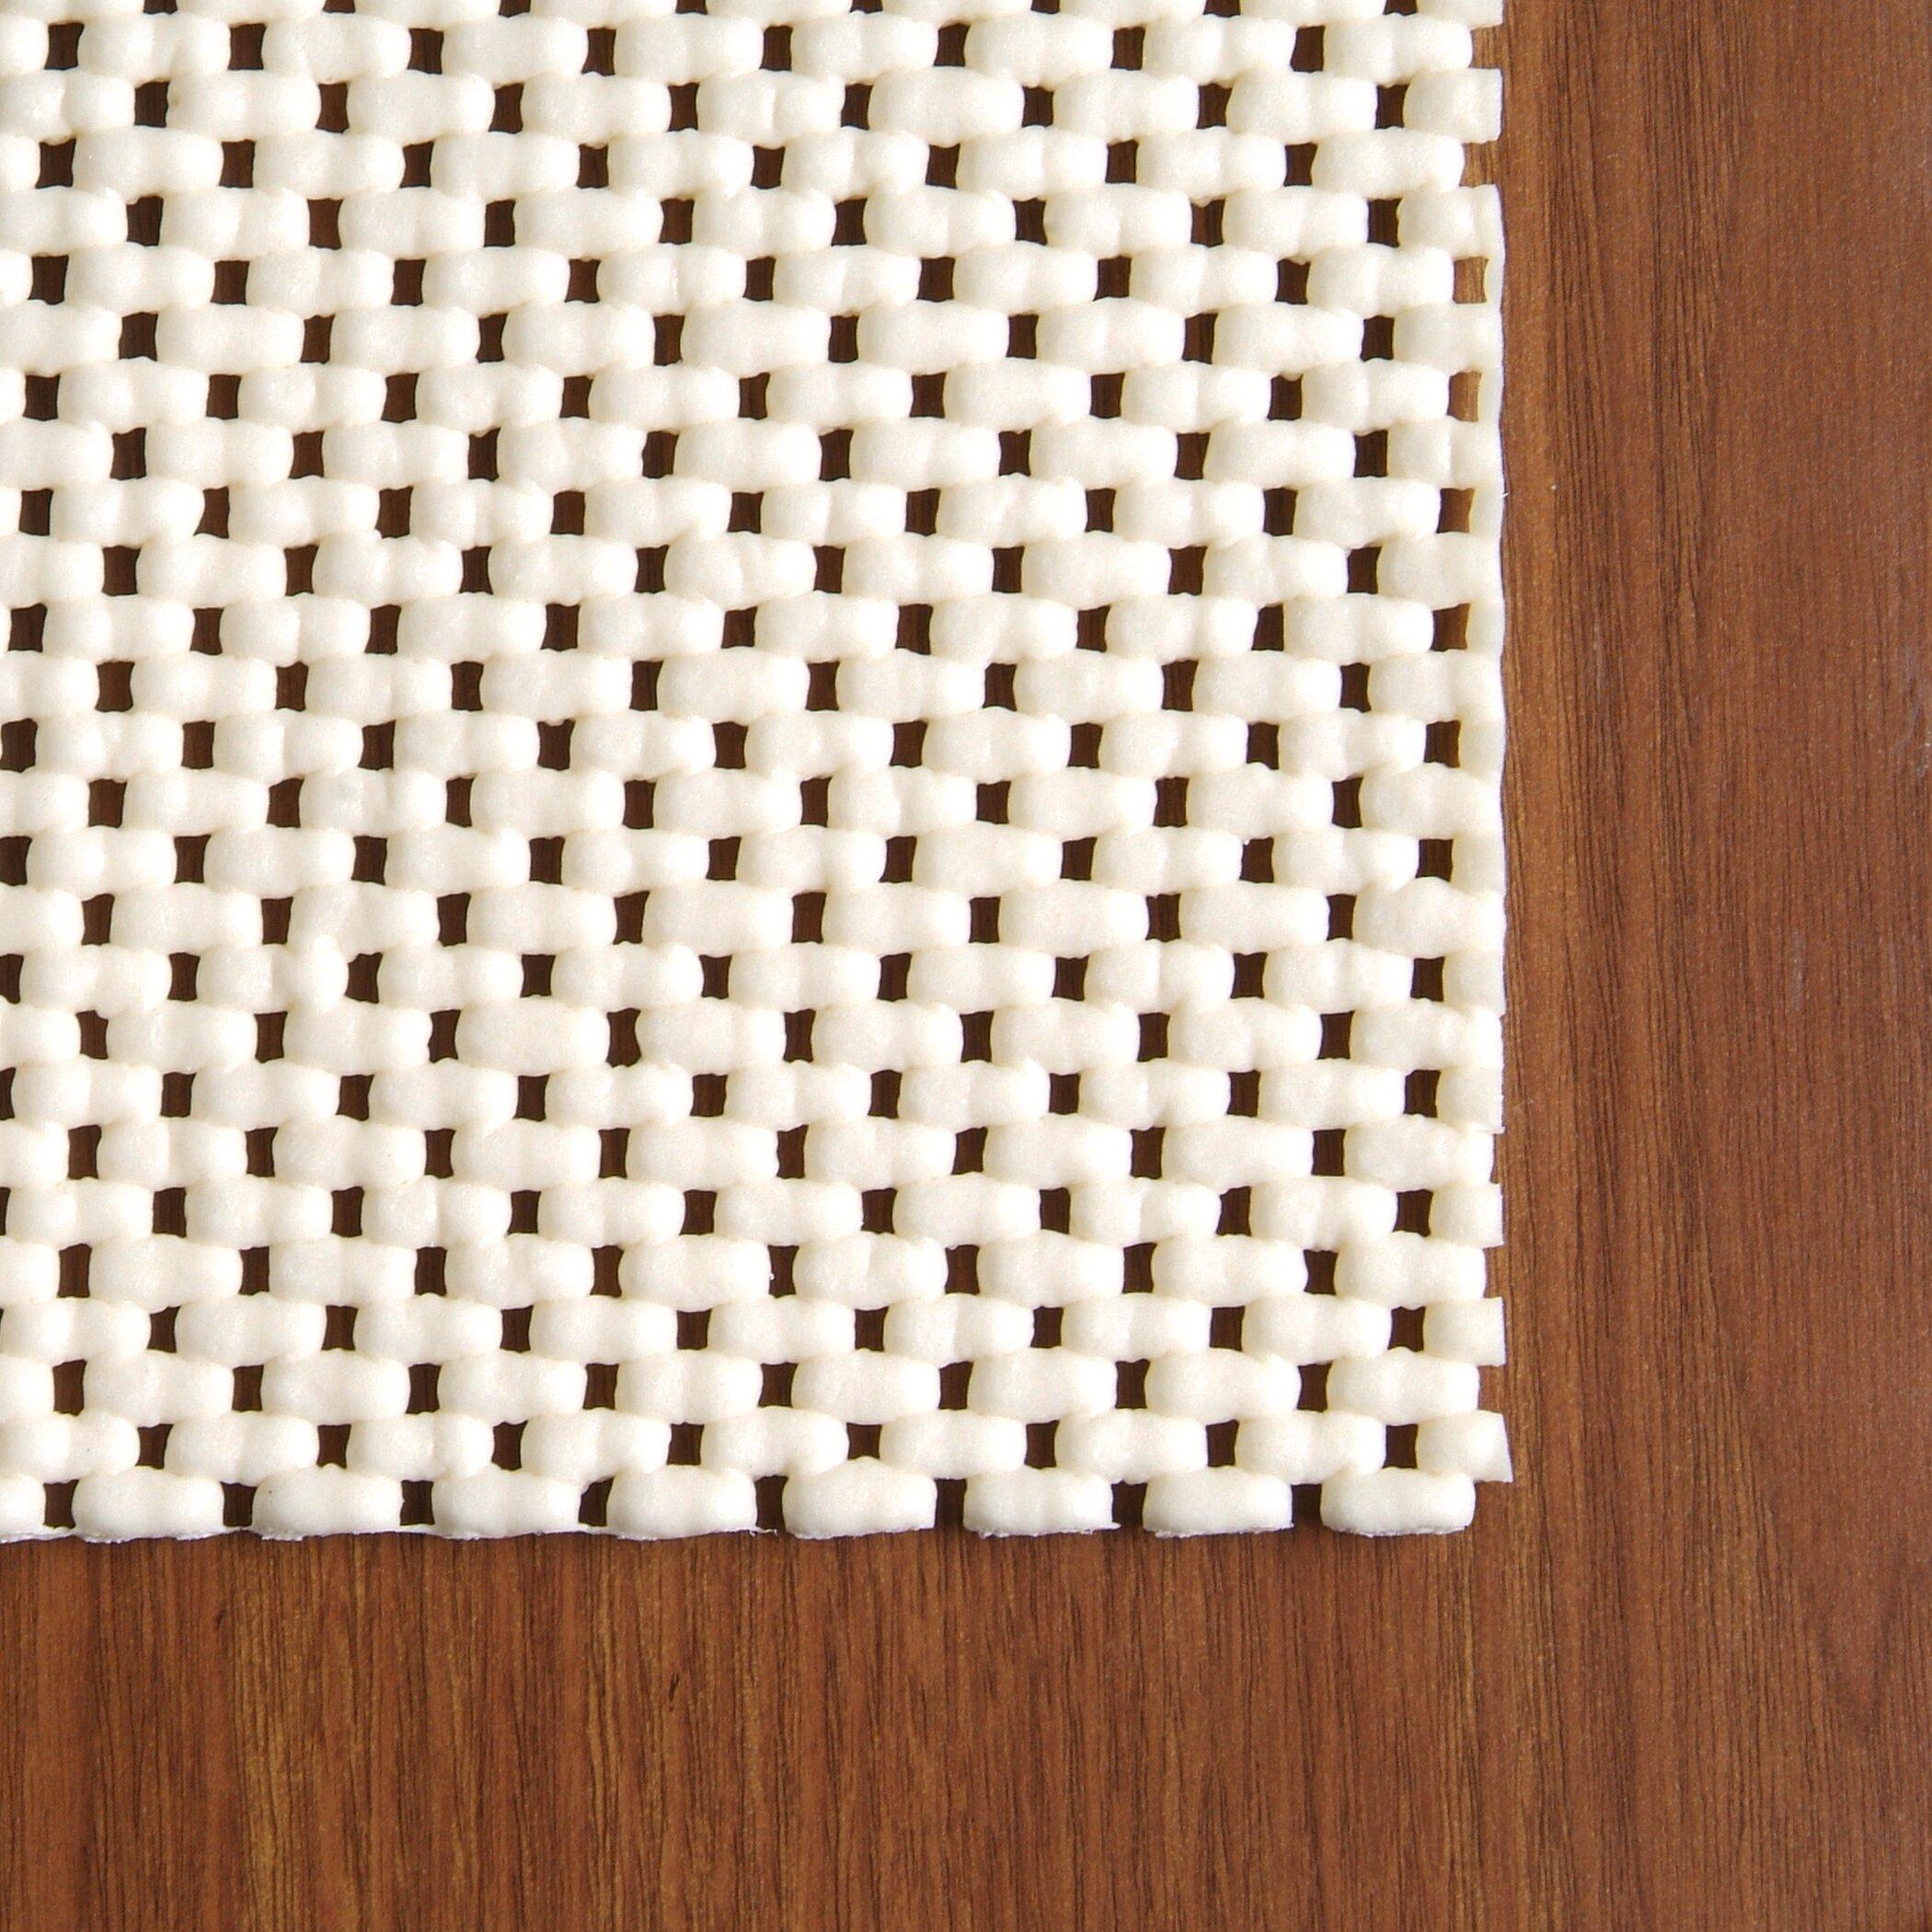 Non Slip Rug Pads For Hardwood Floors Home Decor